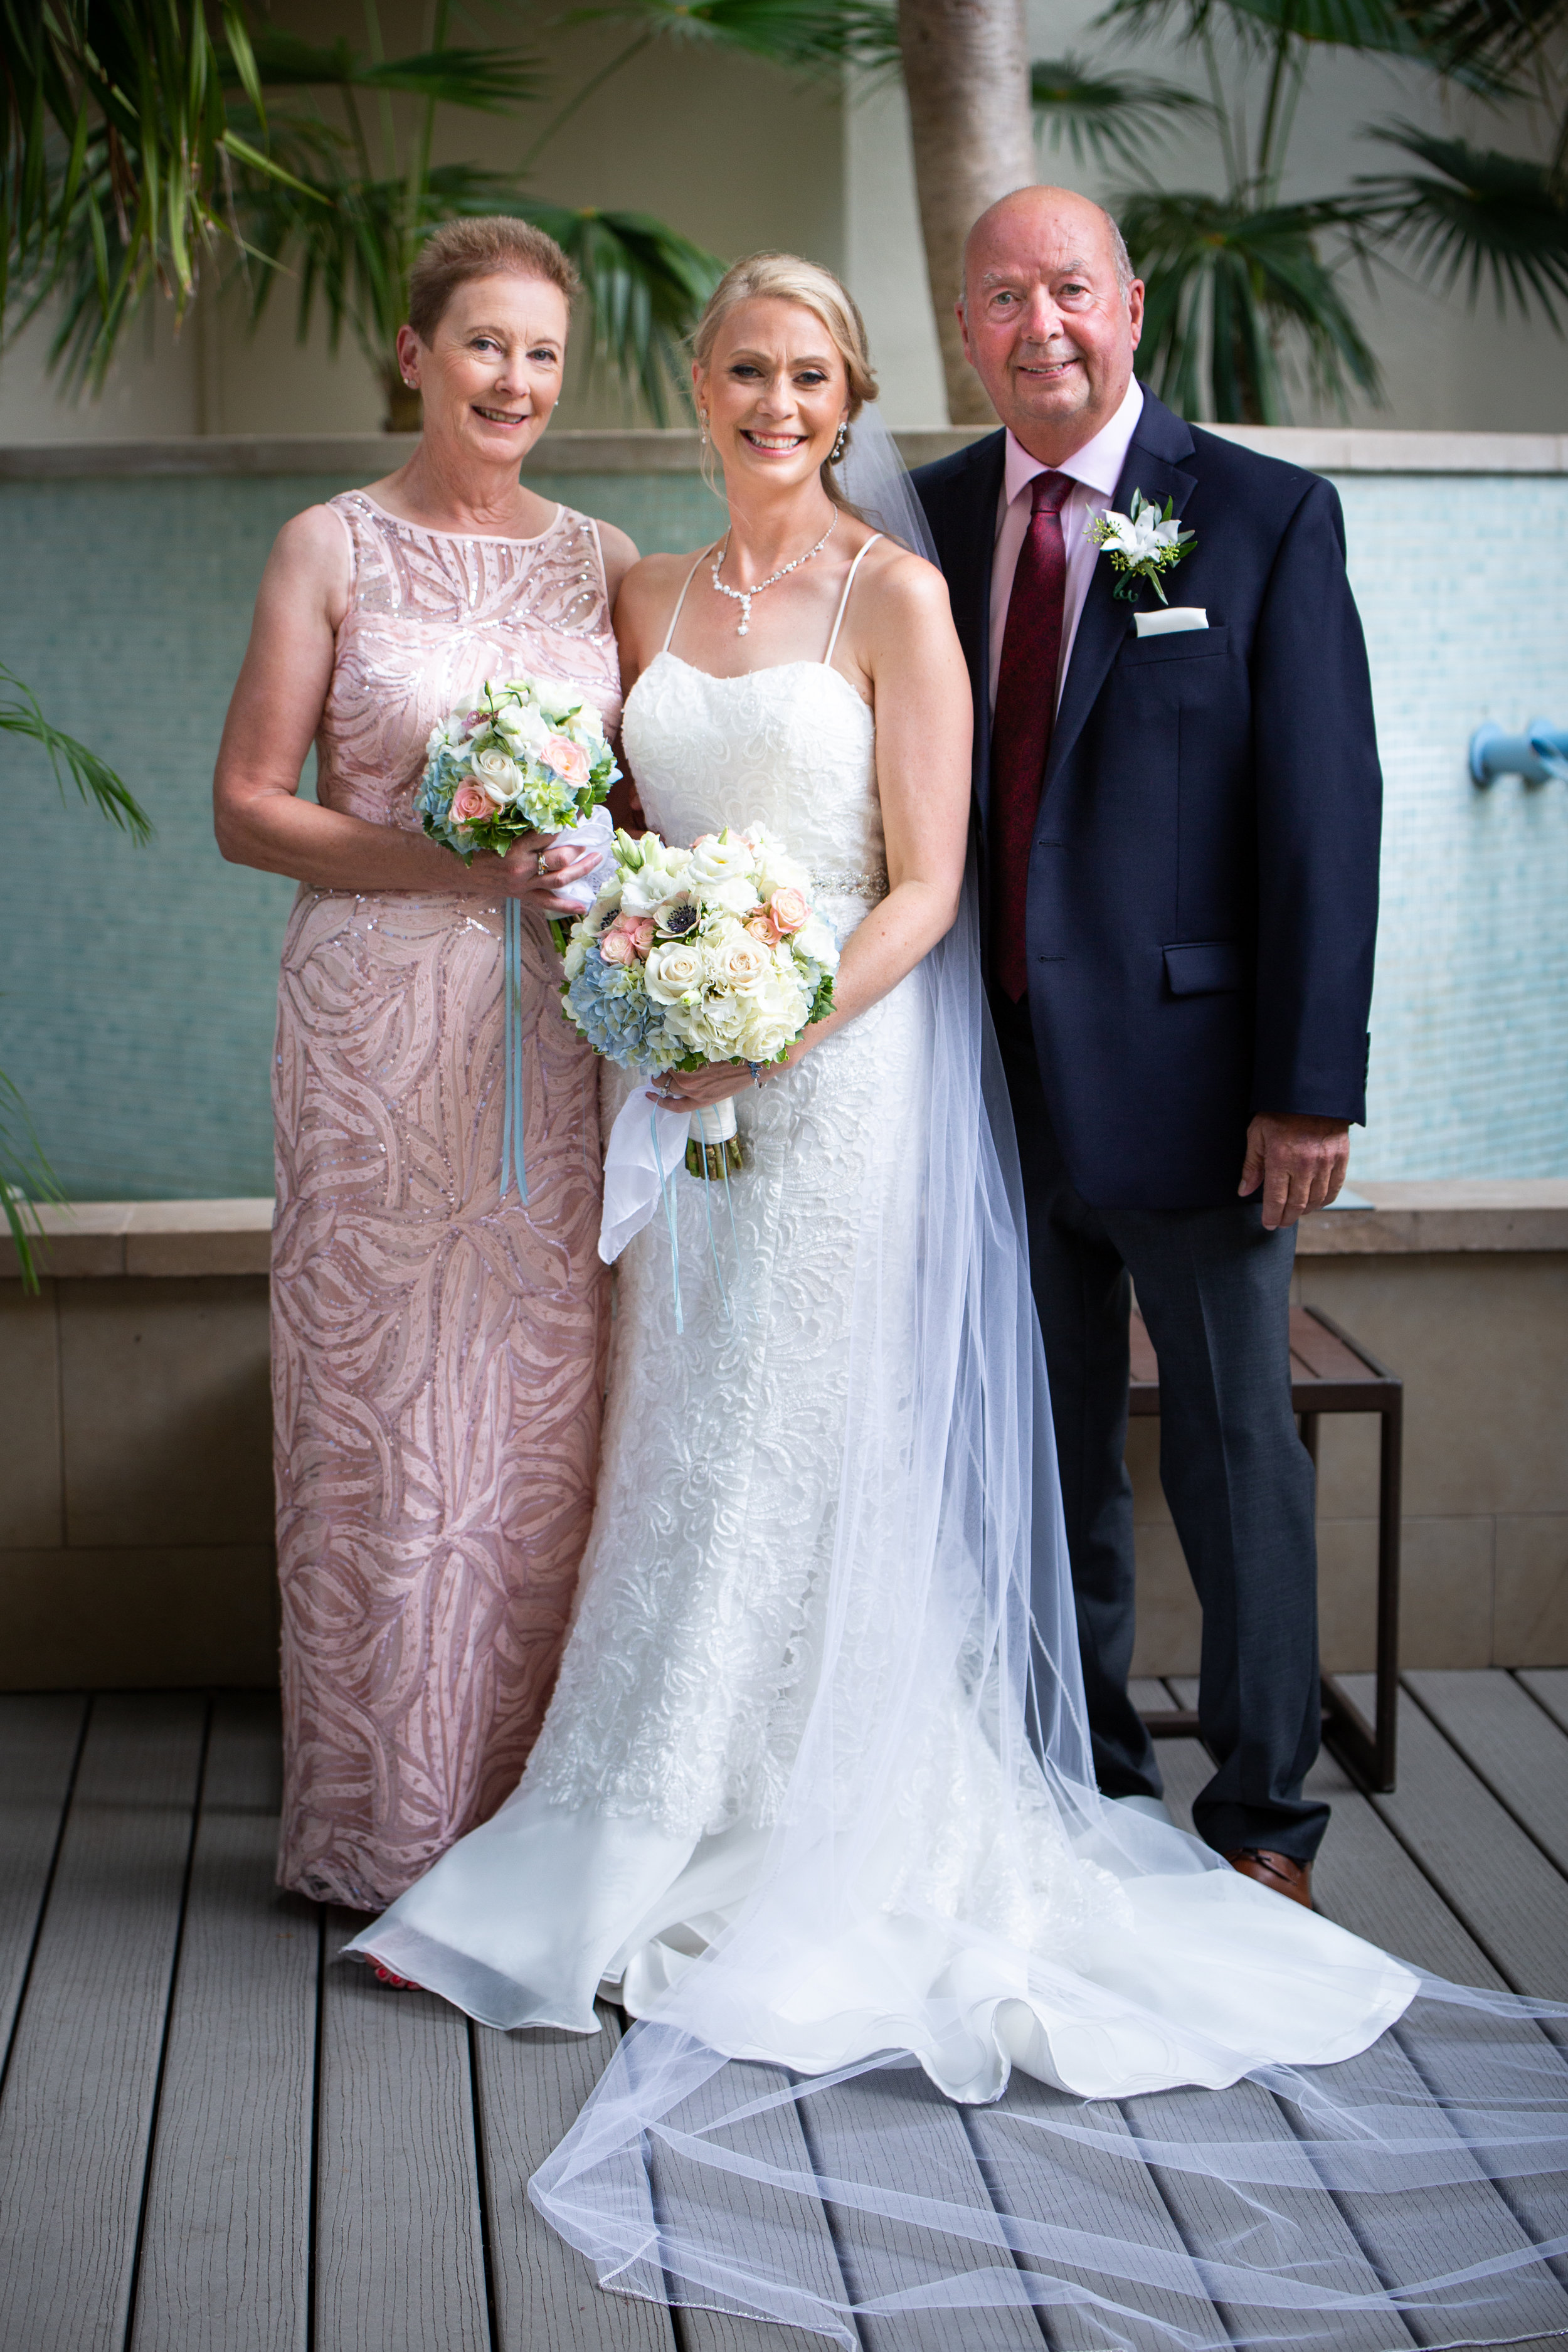 Family Group Photo during Wedding at Hyatt Centric.jpg